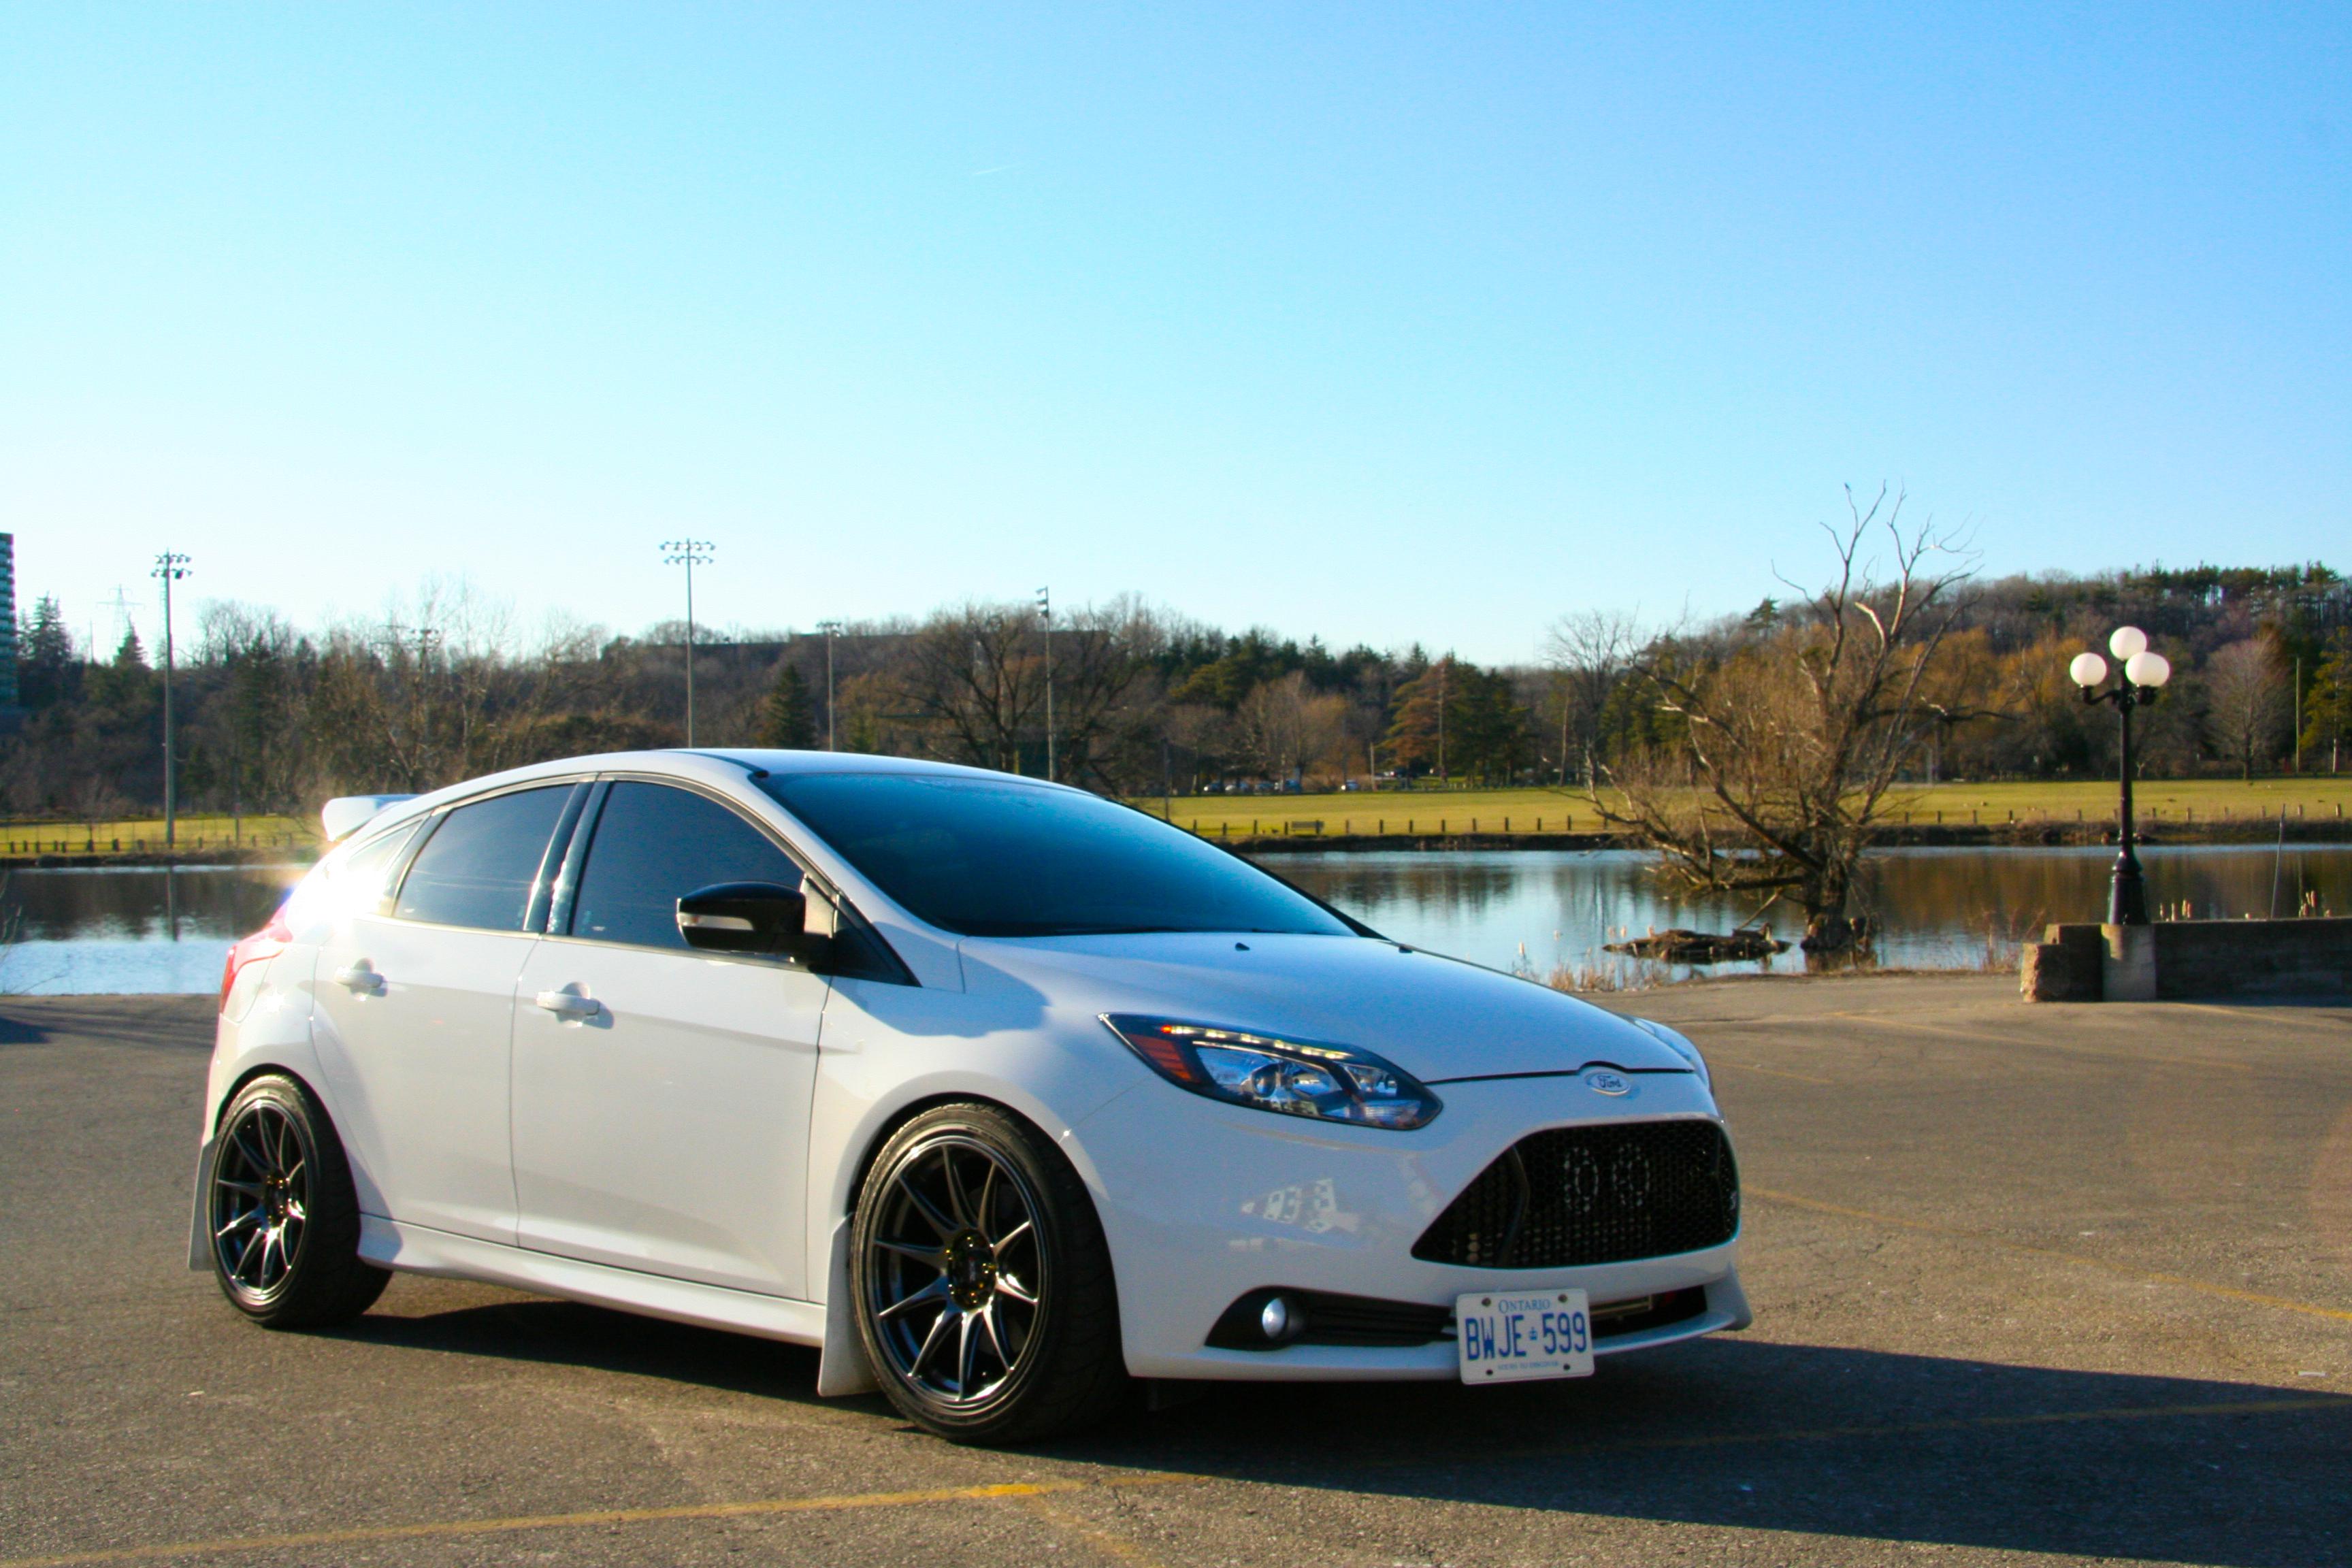 Focus St Wheels >> 18x8.75 +35 - xxr 527